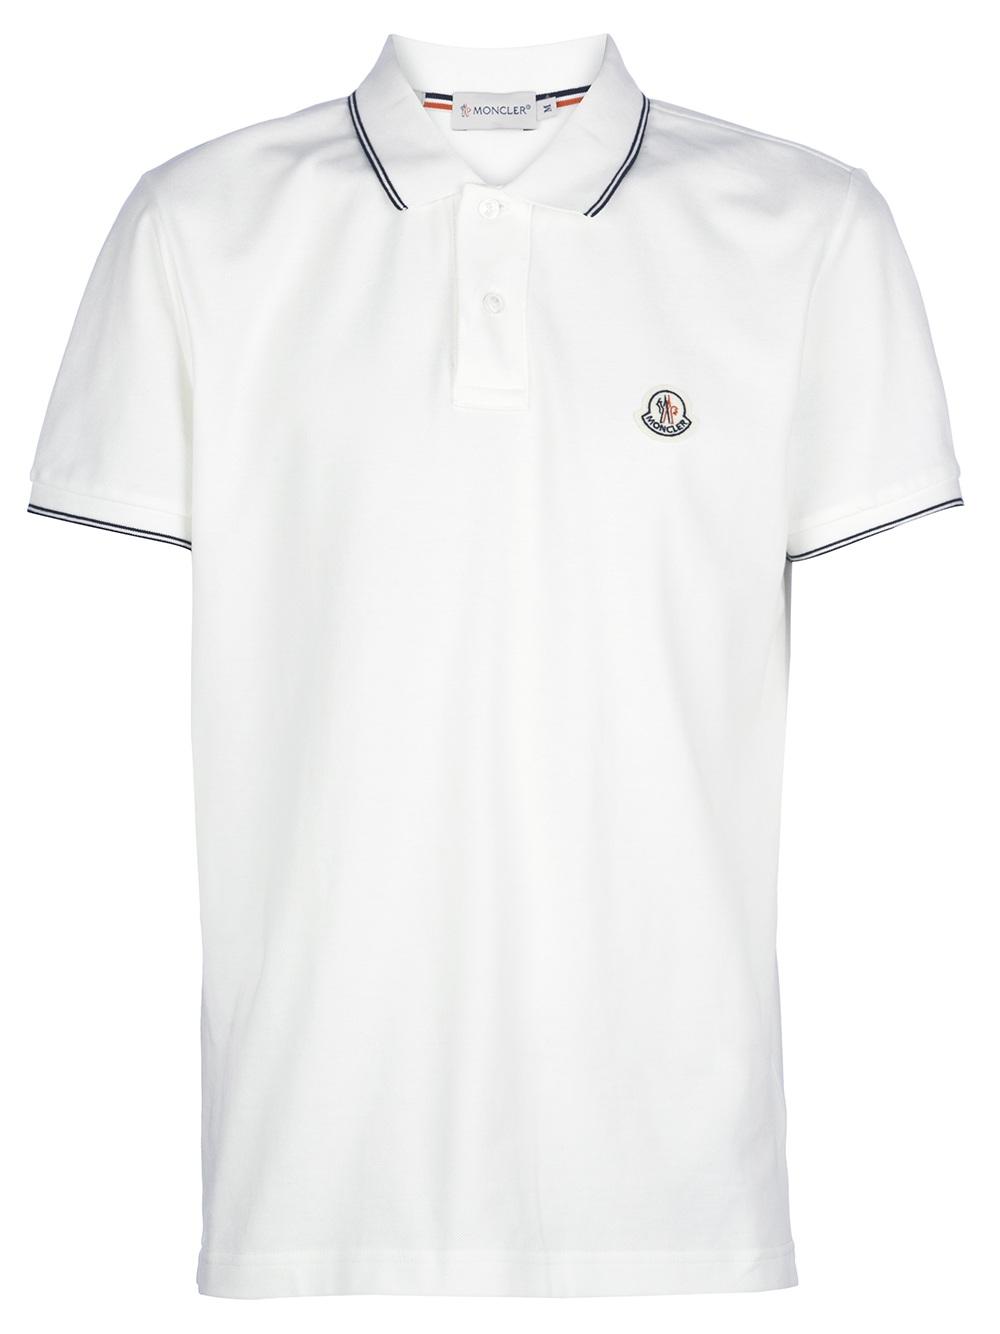 moncler white polo shirt